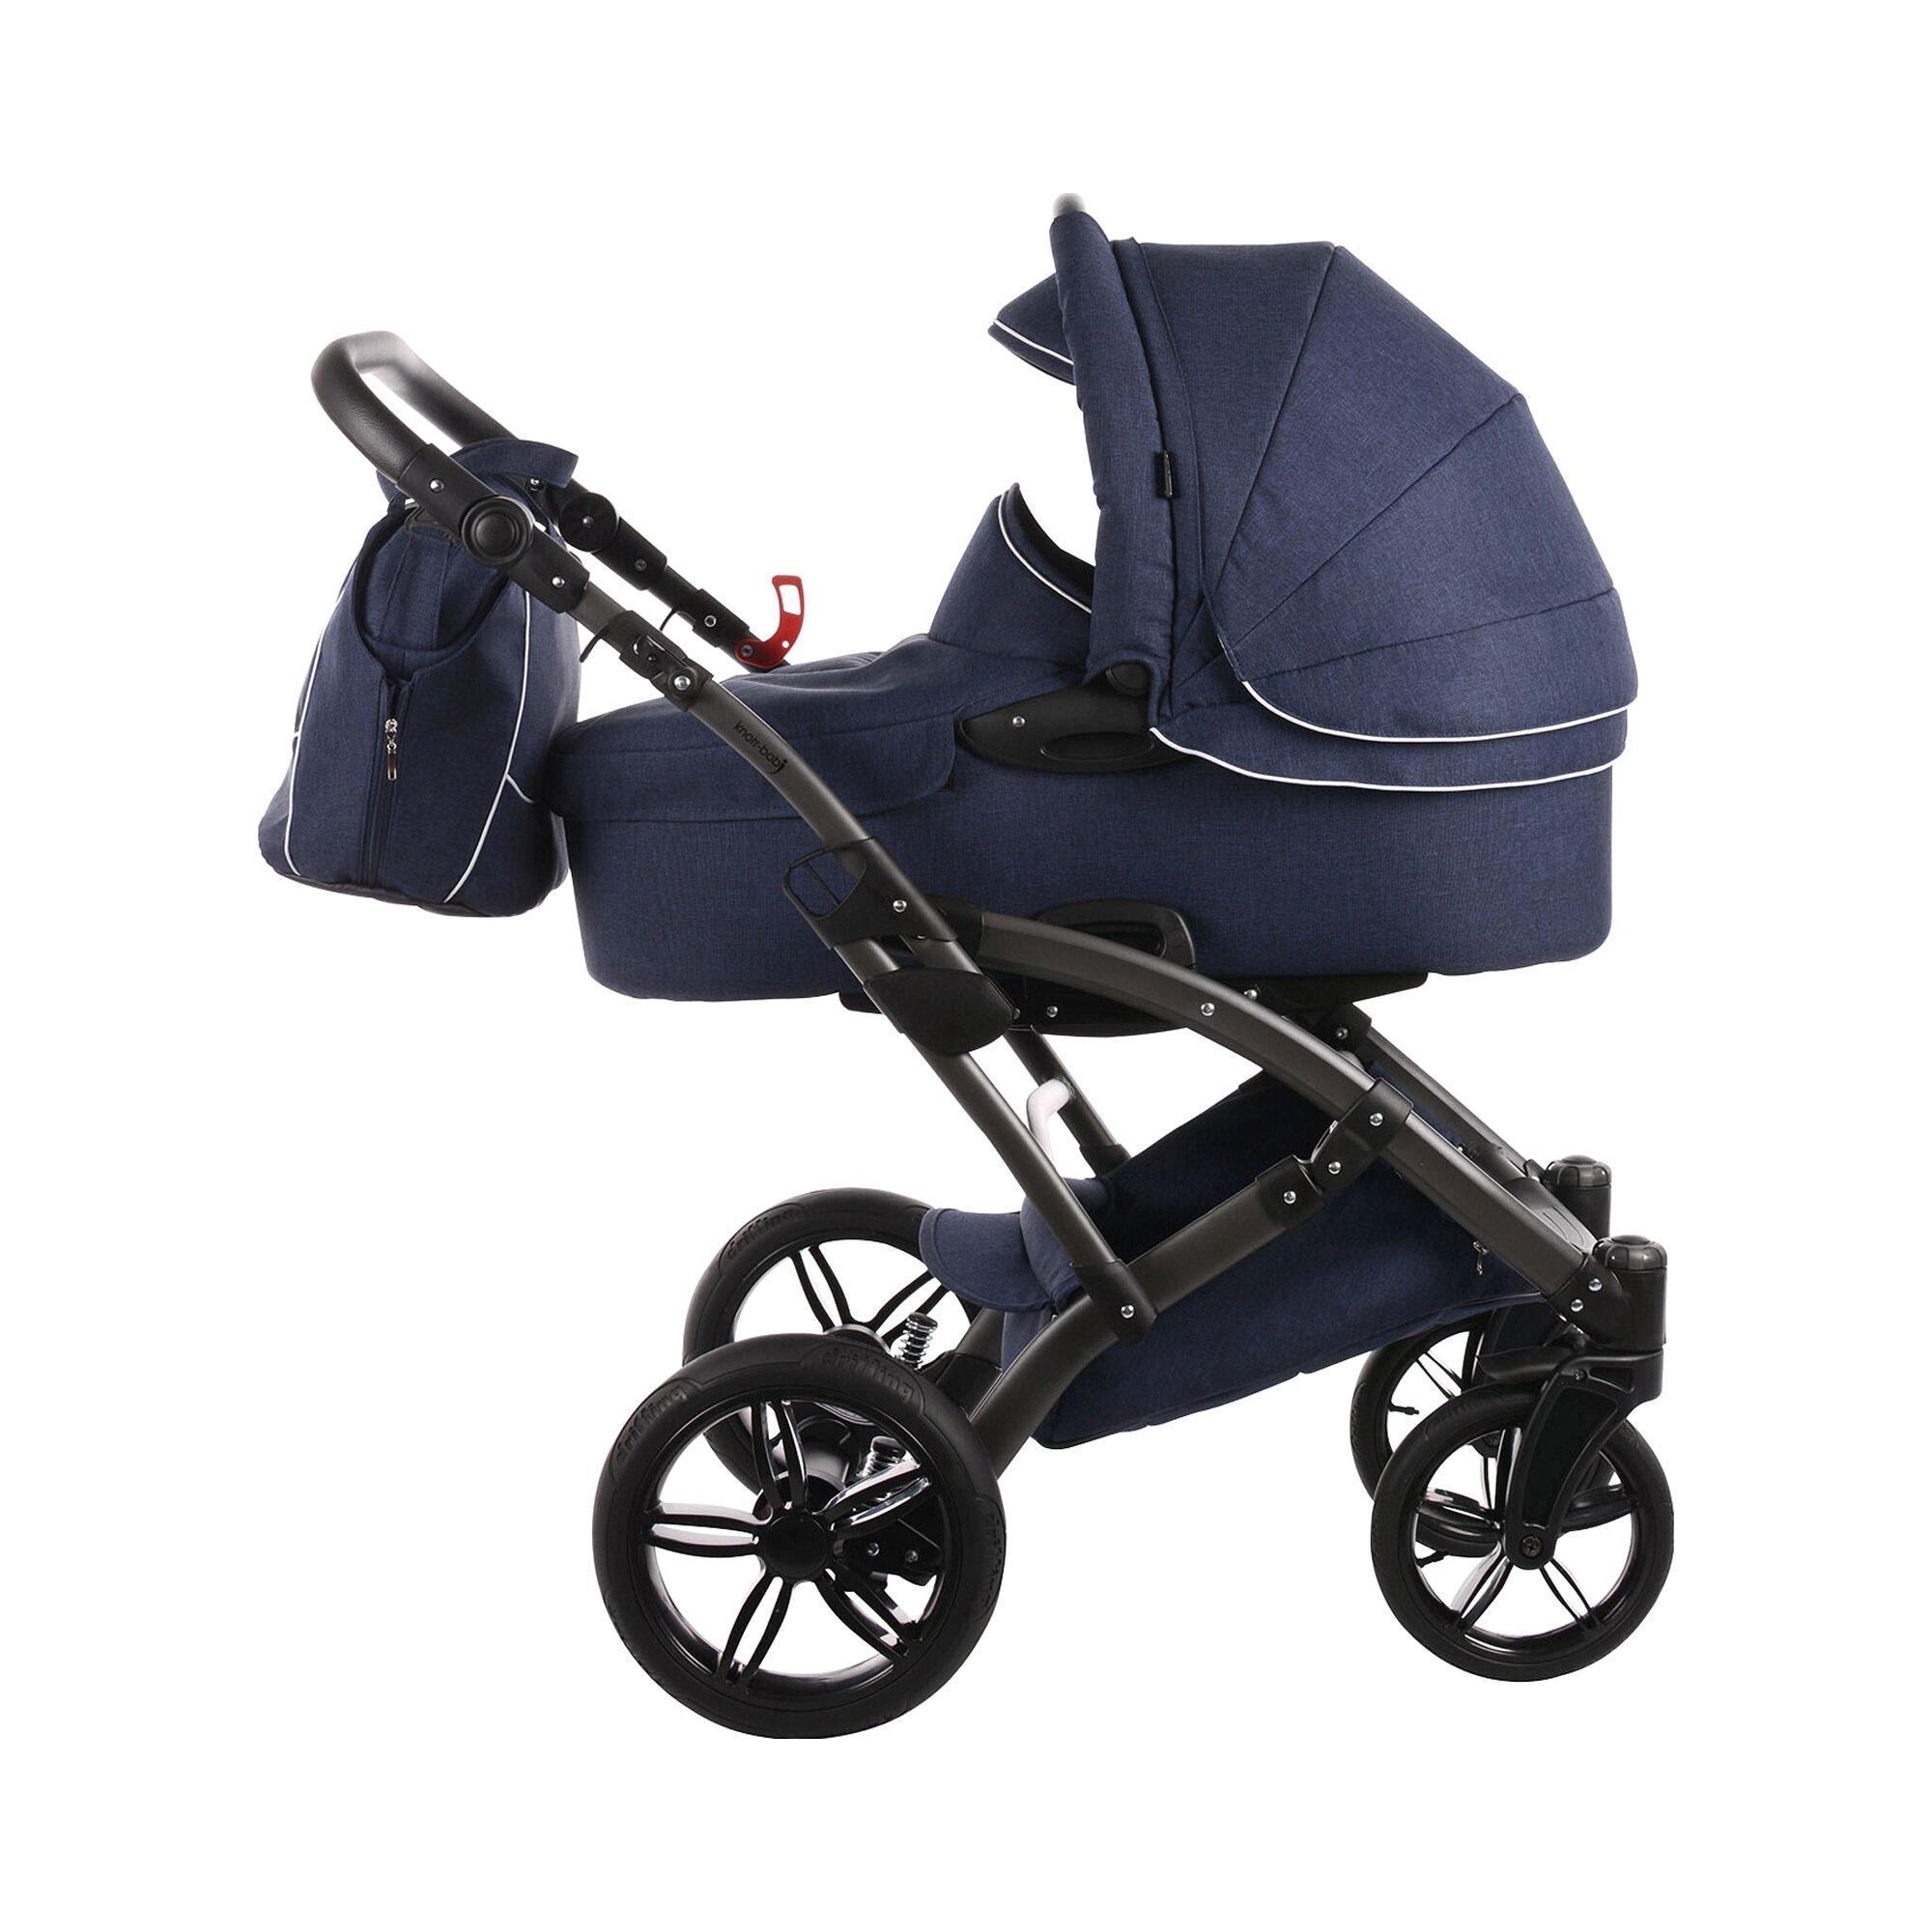 knorr-baby-voletto-emotion-kombikinderwagen-design-2017-blau